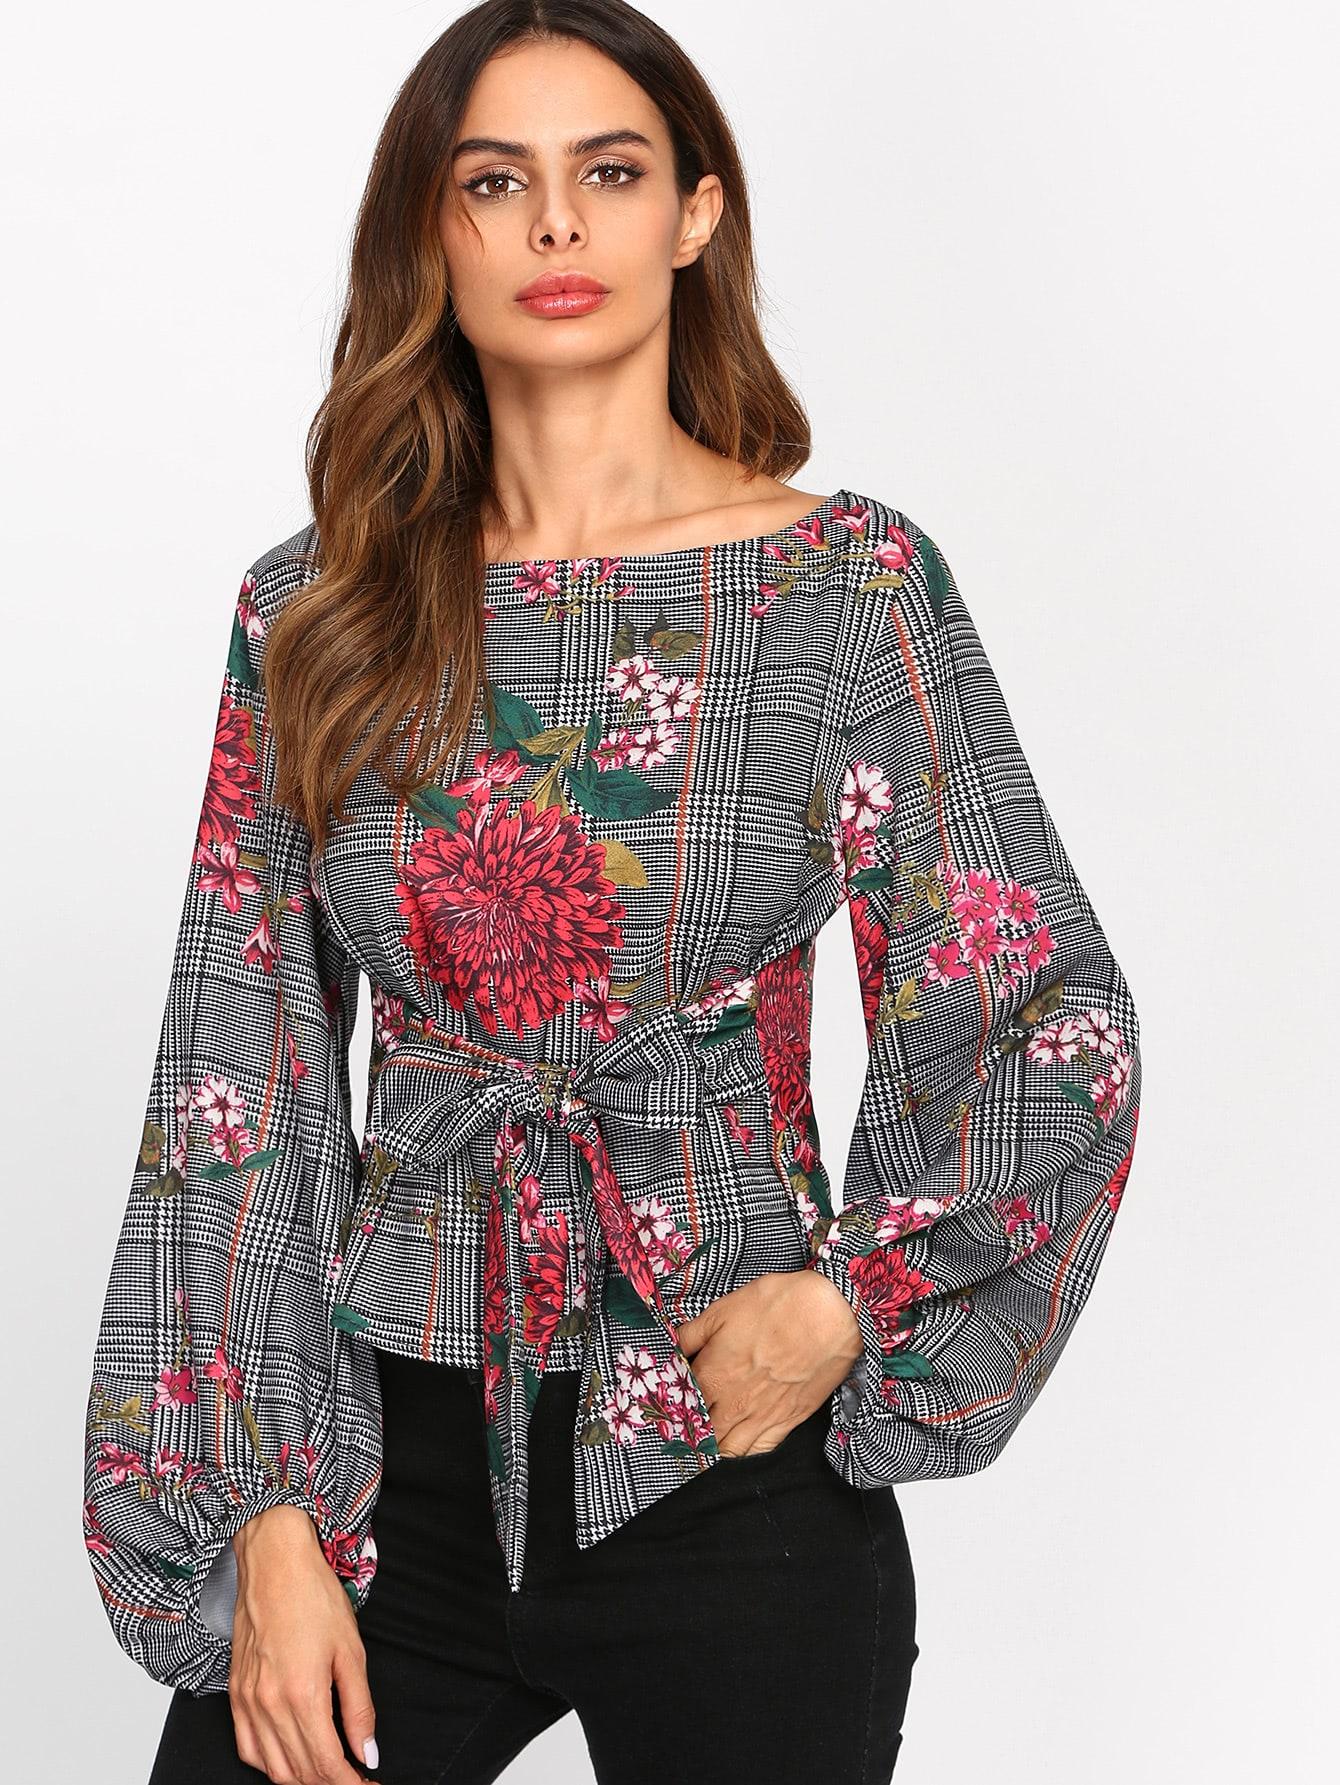 Купить Модная блуза с принтом и поясом, рукав клёш, Andy, SheIn